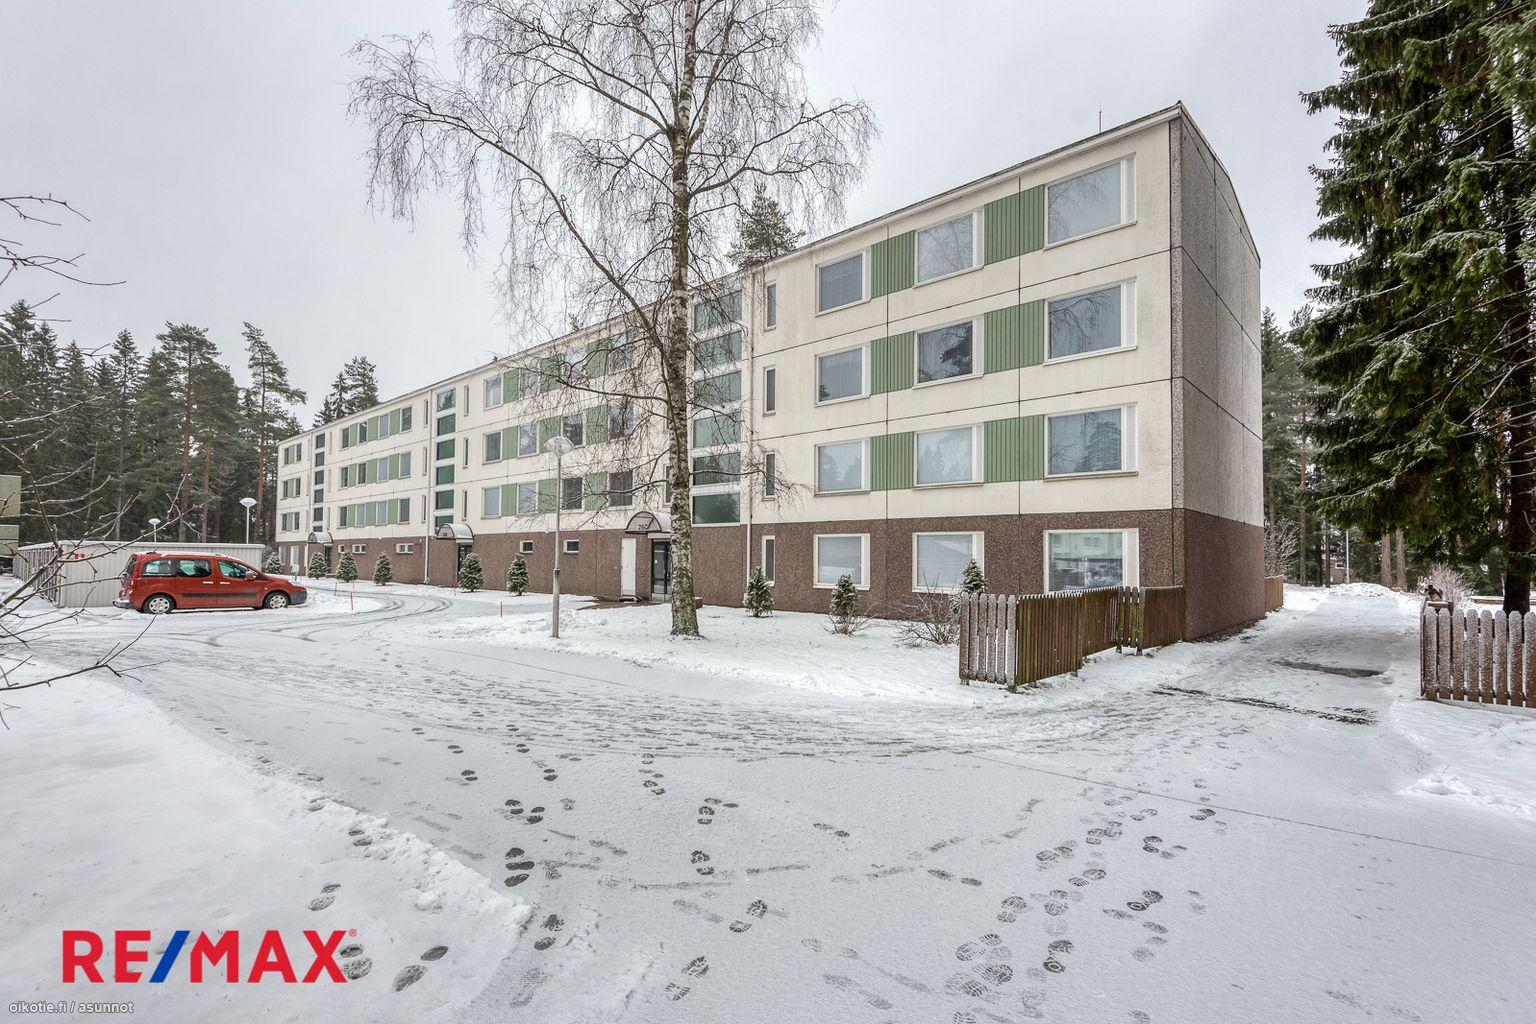 Kasakkamäentie Lahti